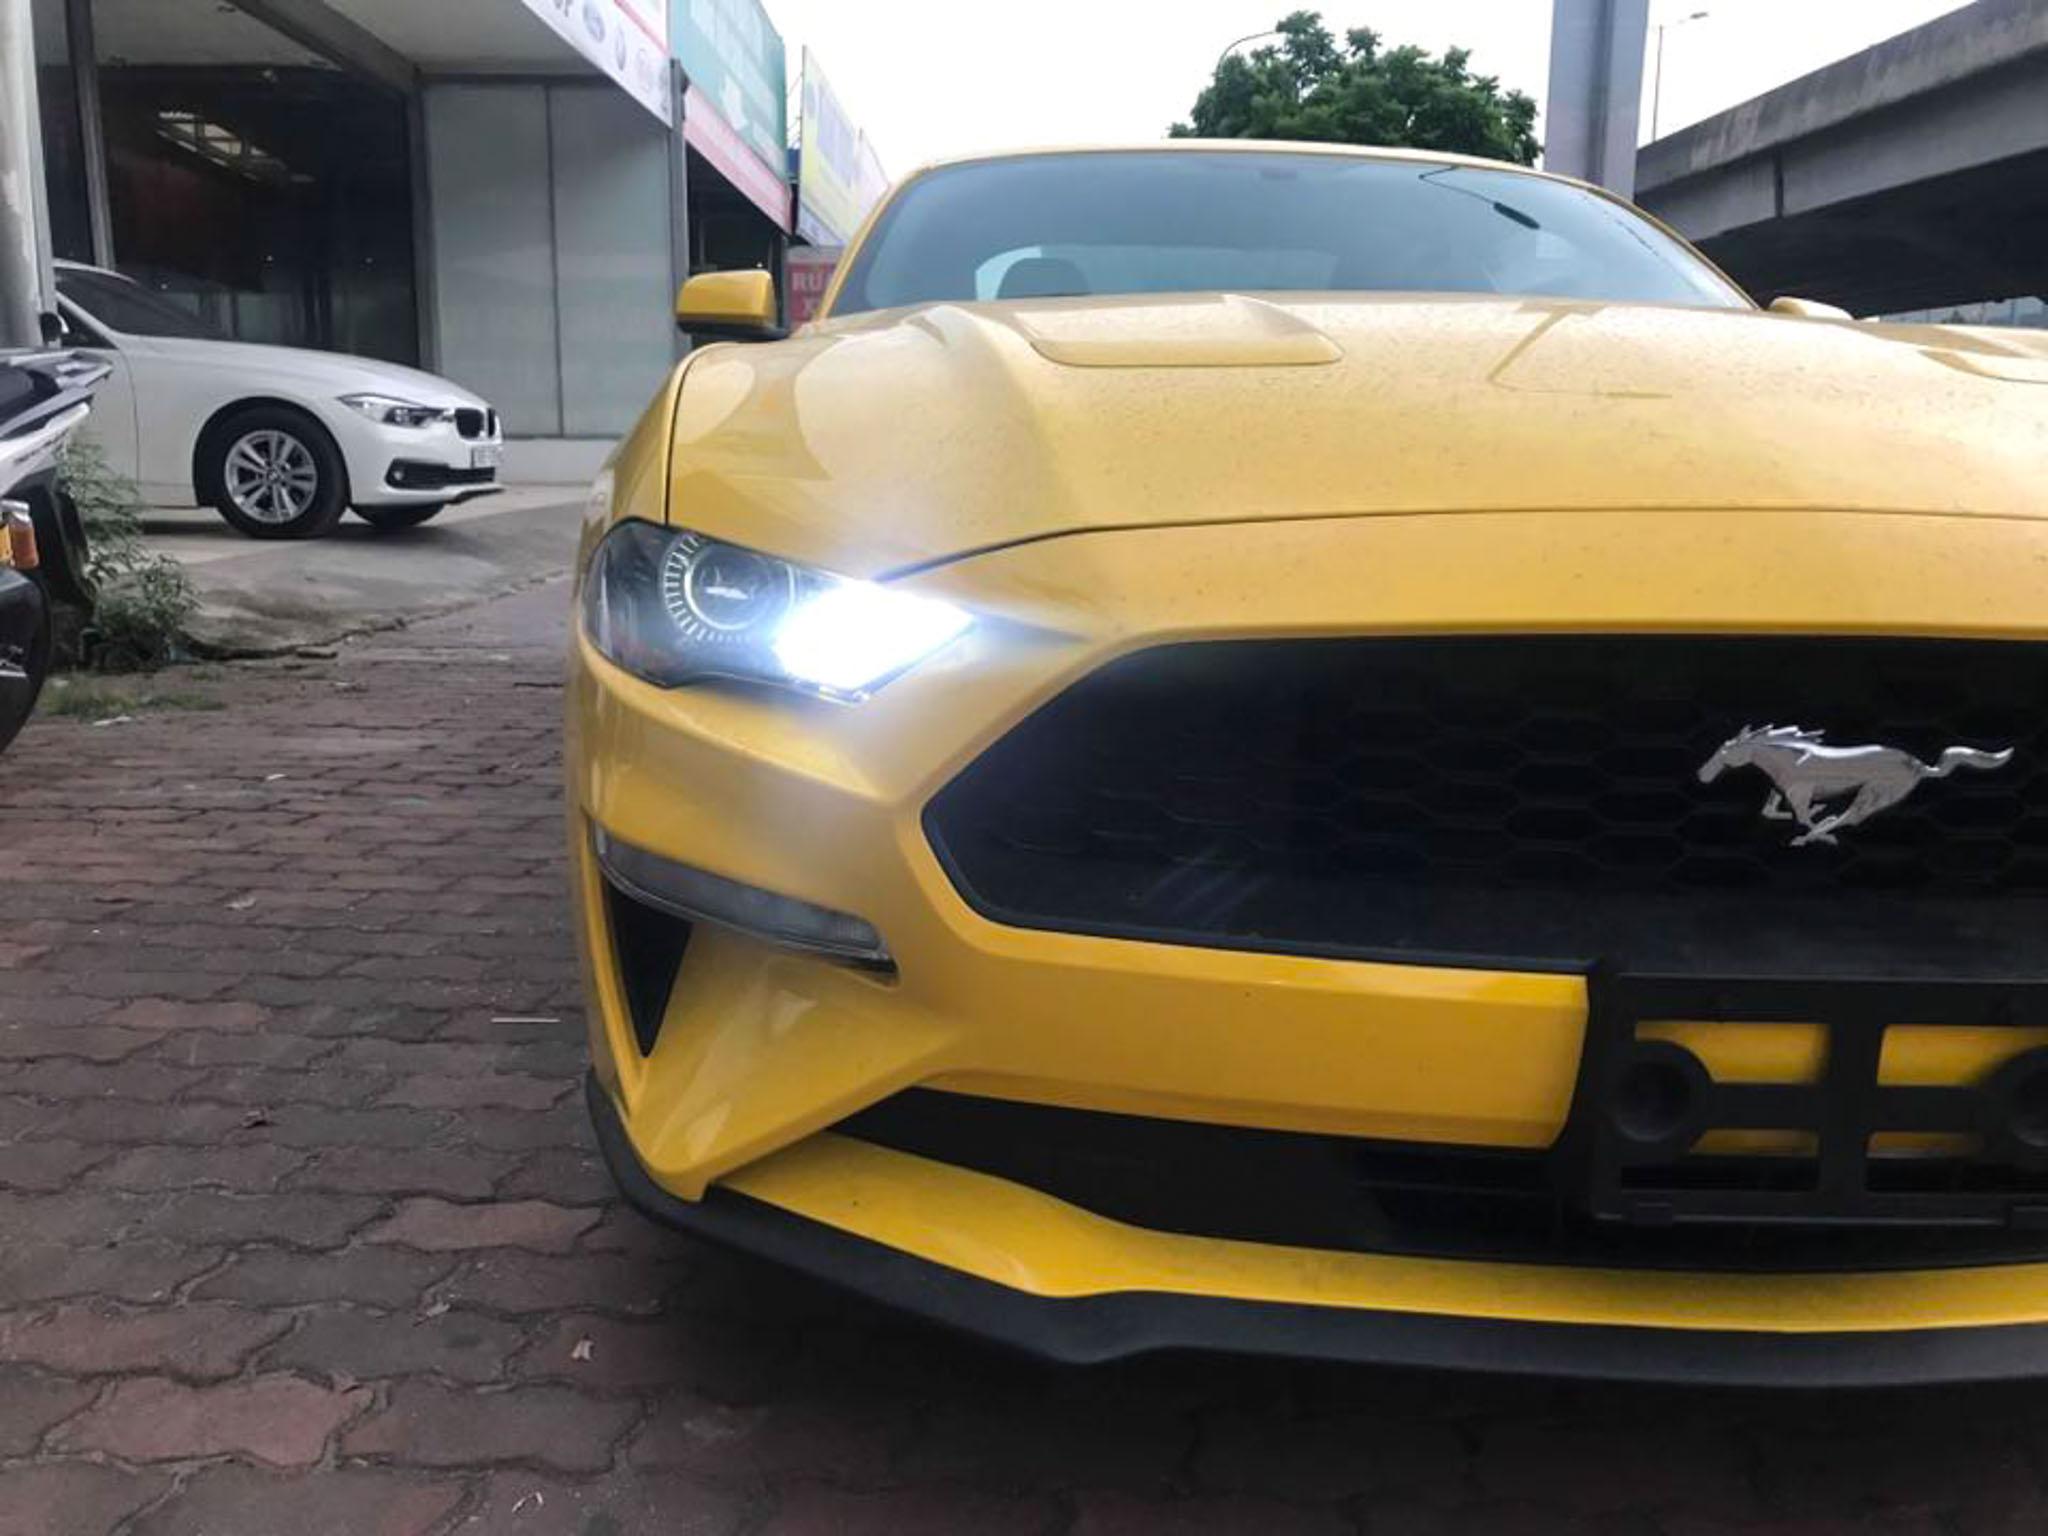 ford-mustang-2018-bat-ngo-xuat-hien-tai-viet-nam